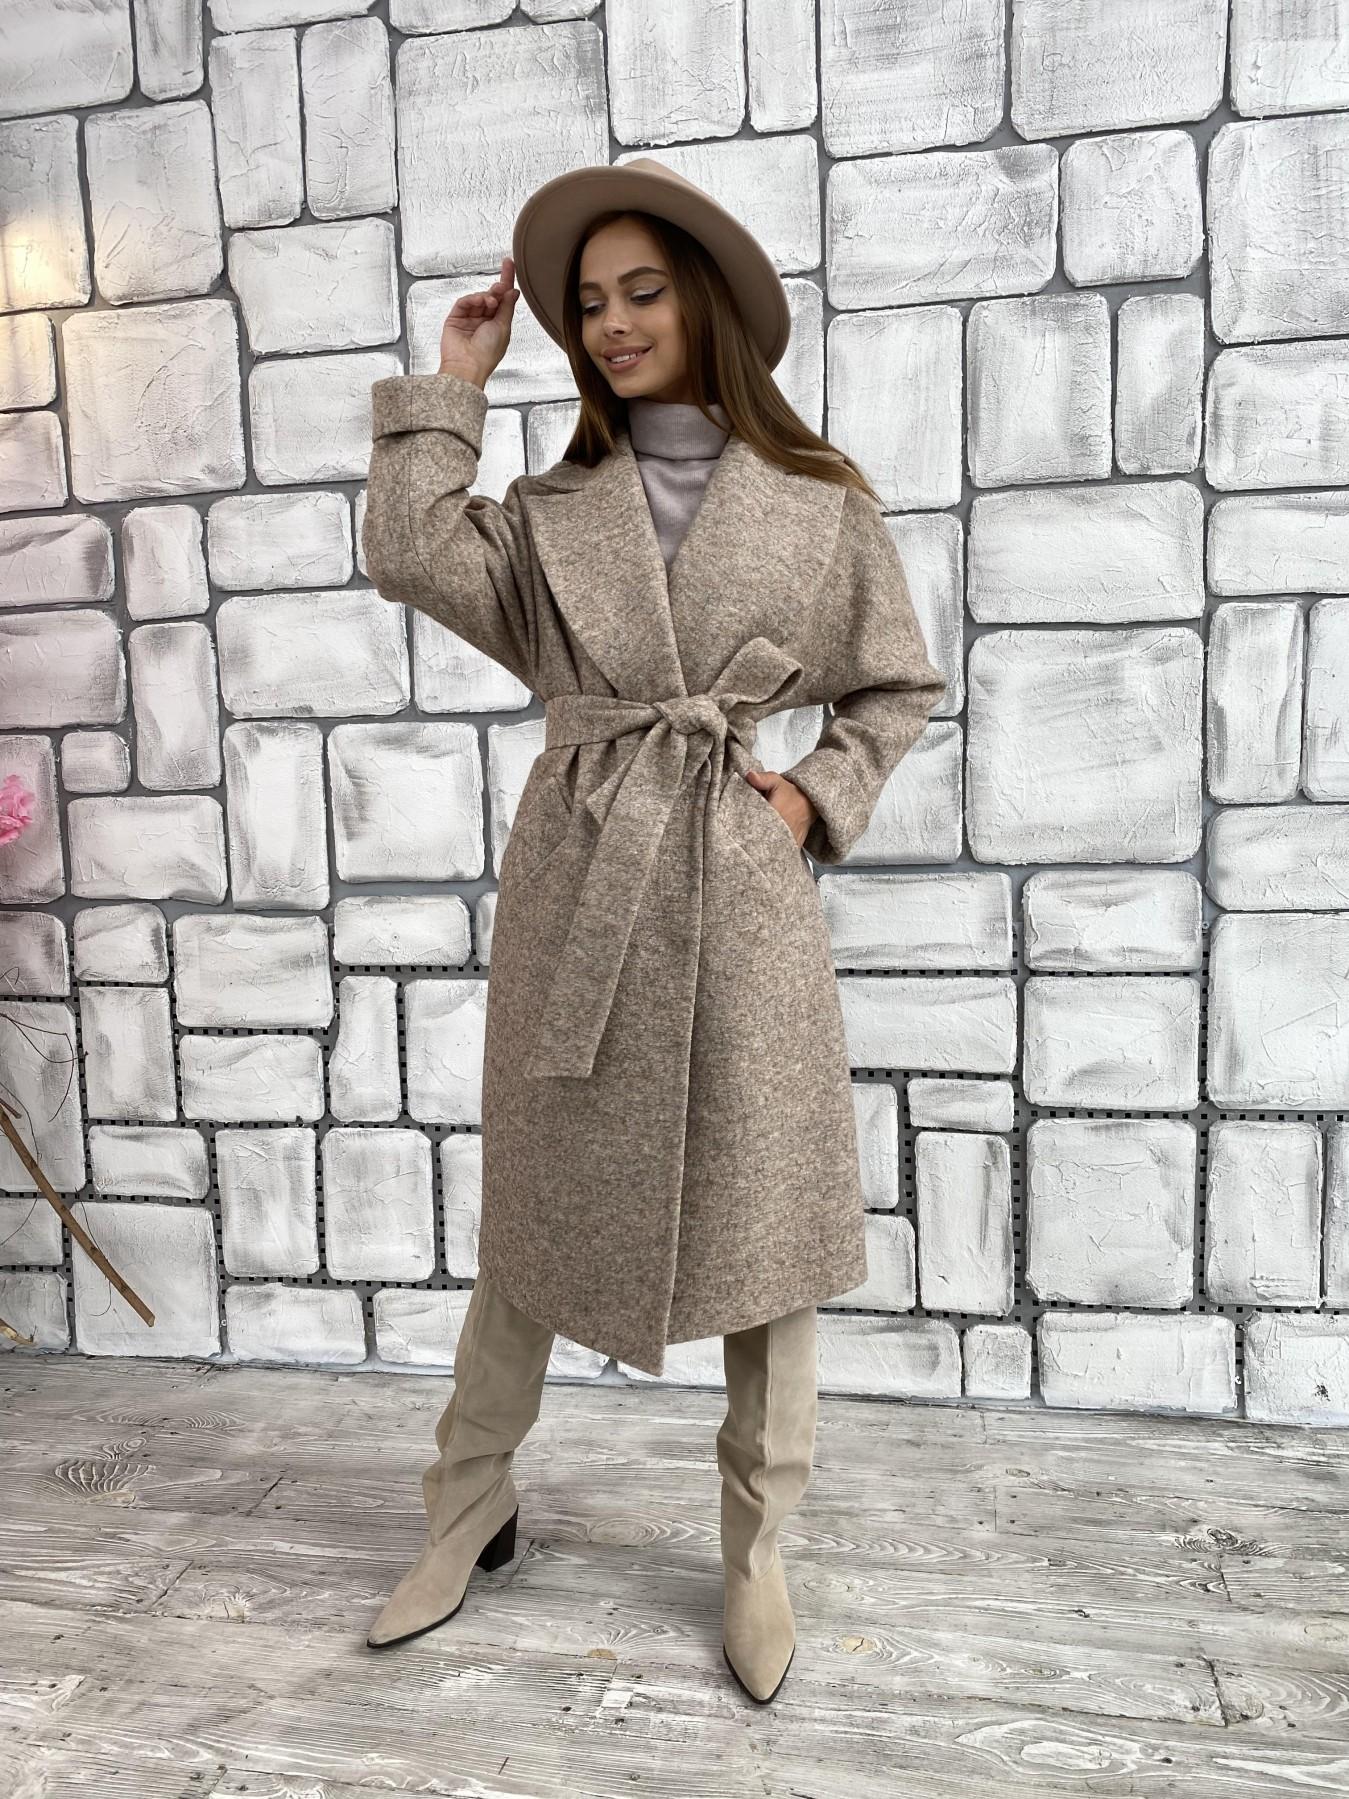 Влада шерсть варенка ткань пальто 11639 АРТ. 48352 Цвет: Бежевый 13 - фото 6, интернет магазин tm-modus.ru